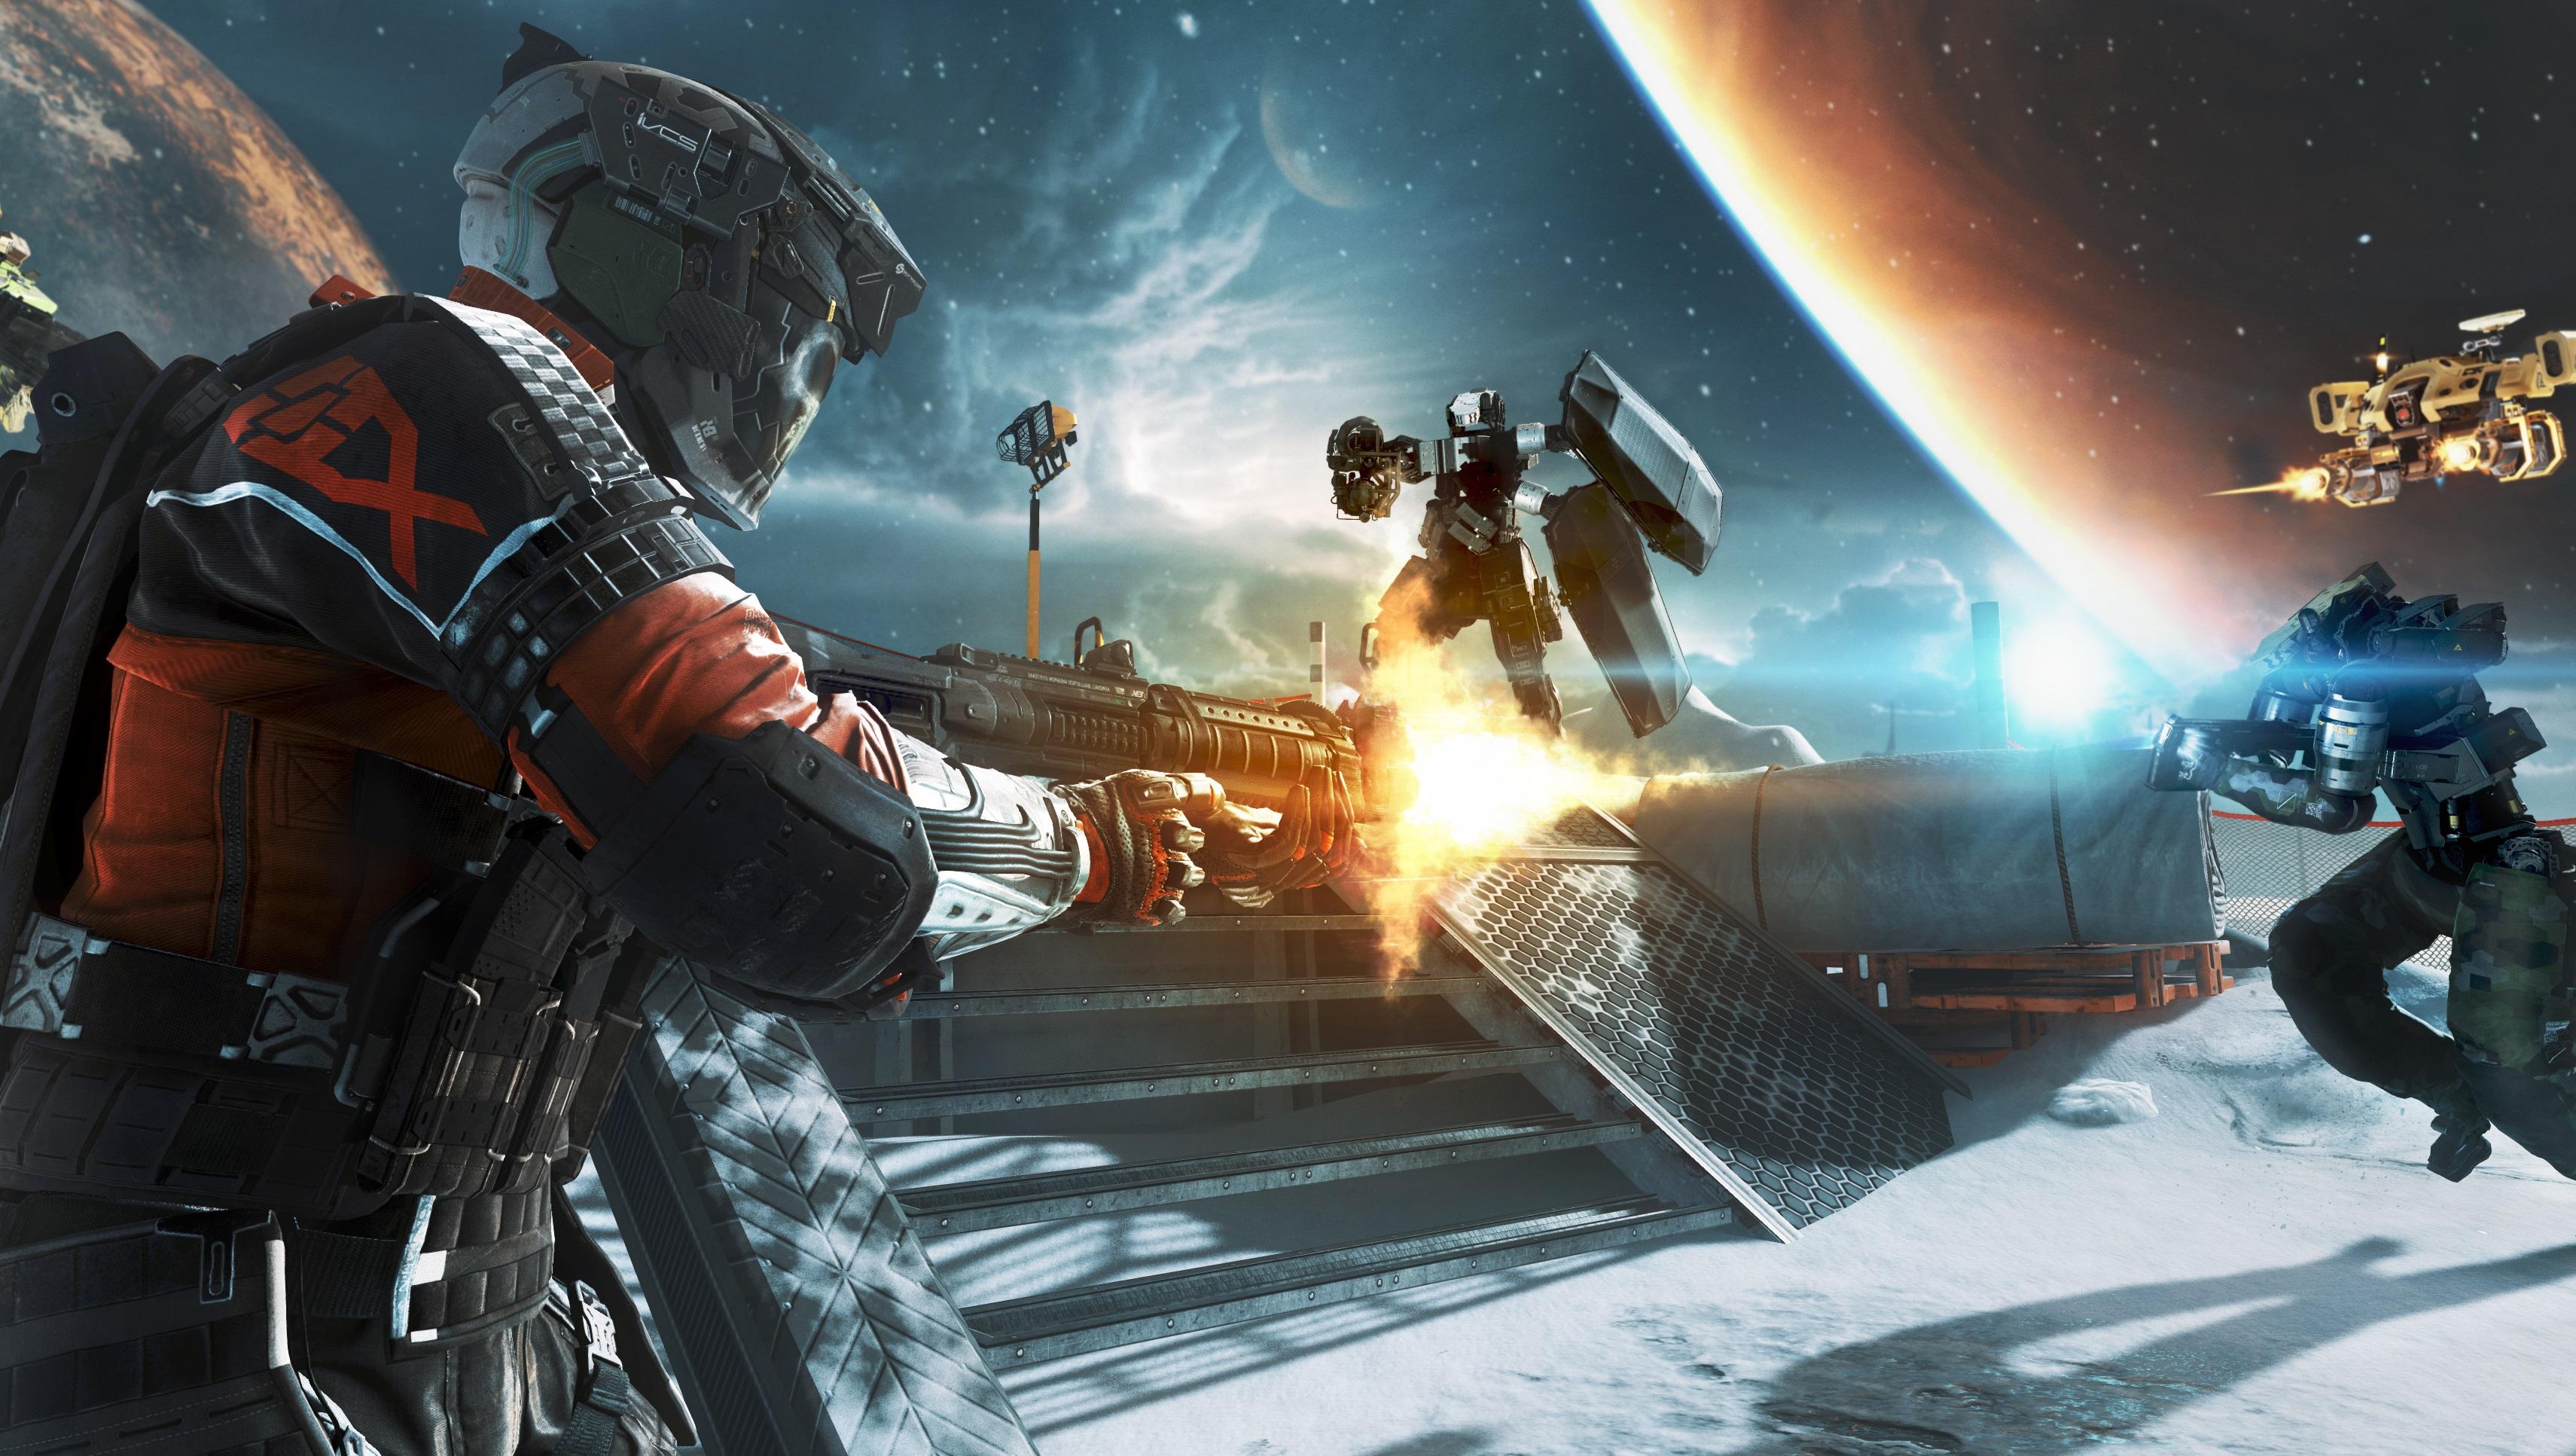 Konsollspillerne kan teste Call of Duty: Infinite Warfare før de kjøper det.